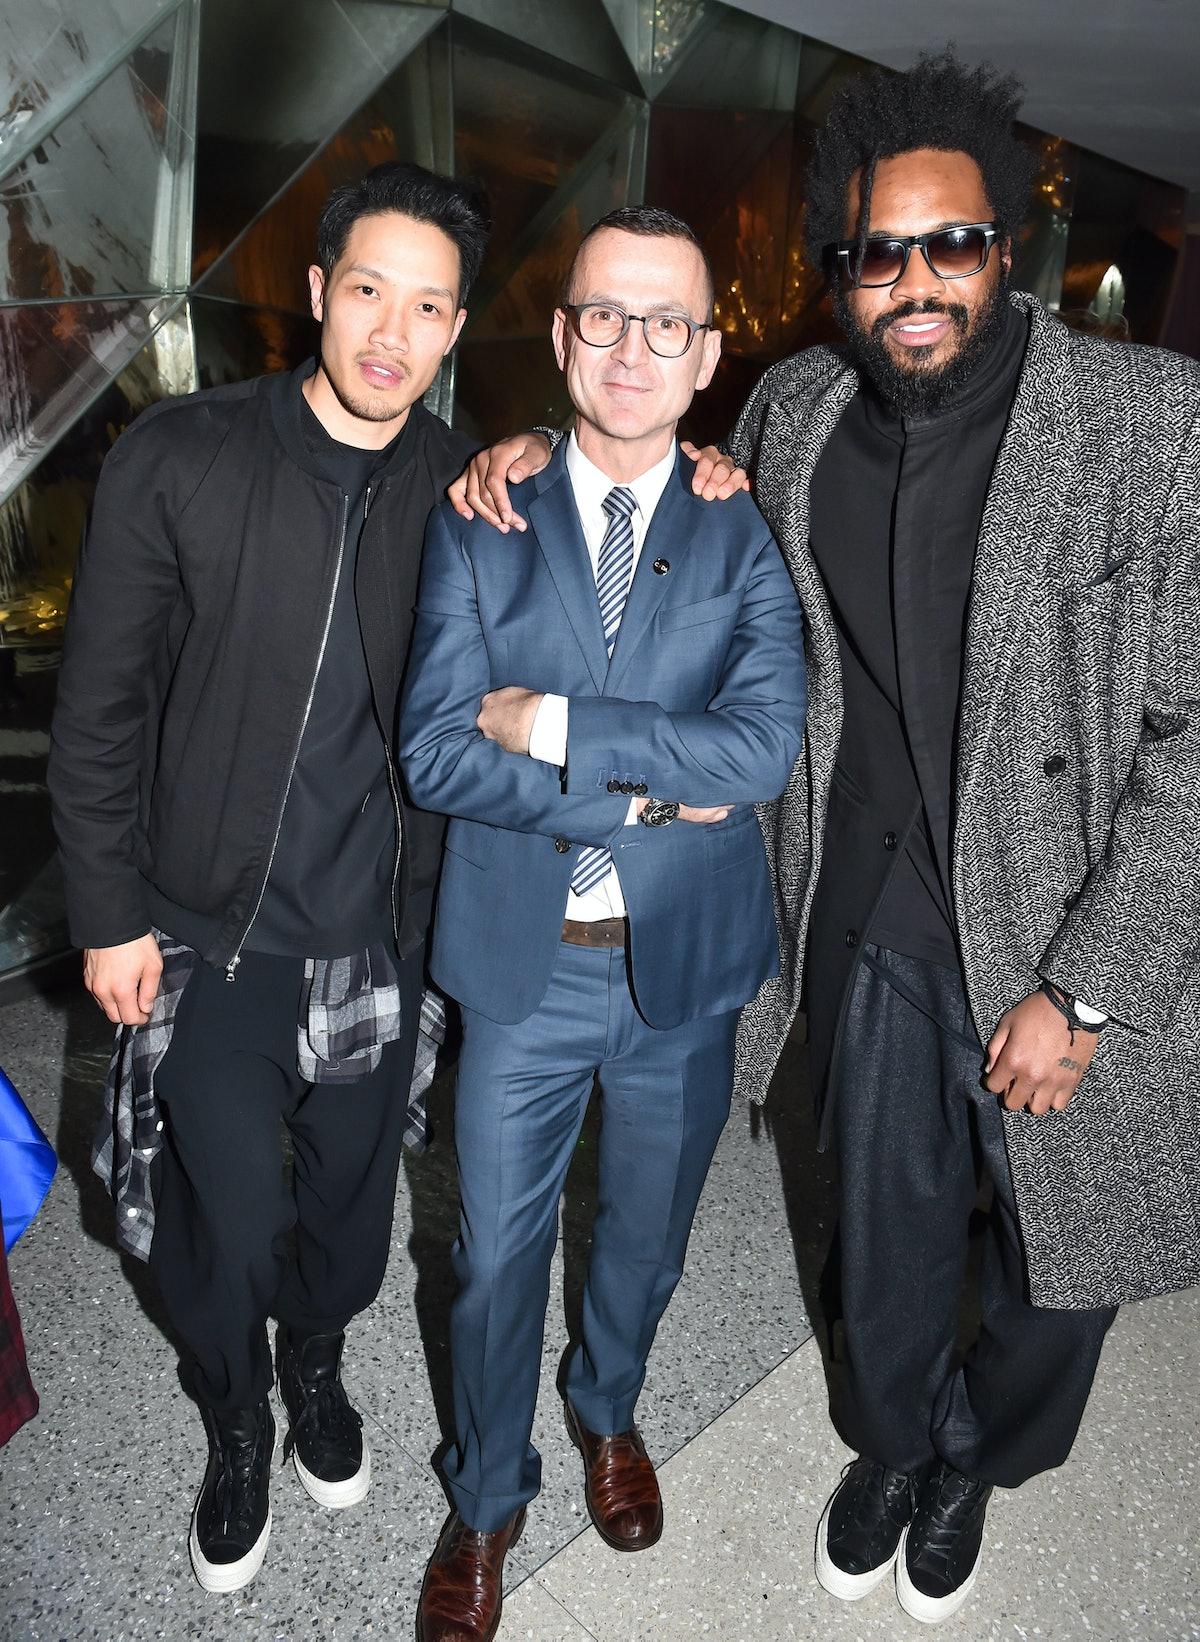 Dao-Yi Chow, Steven Kolb, and Maxwell Osbourne